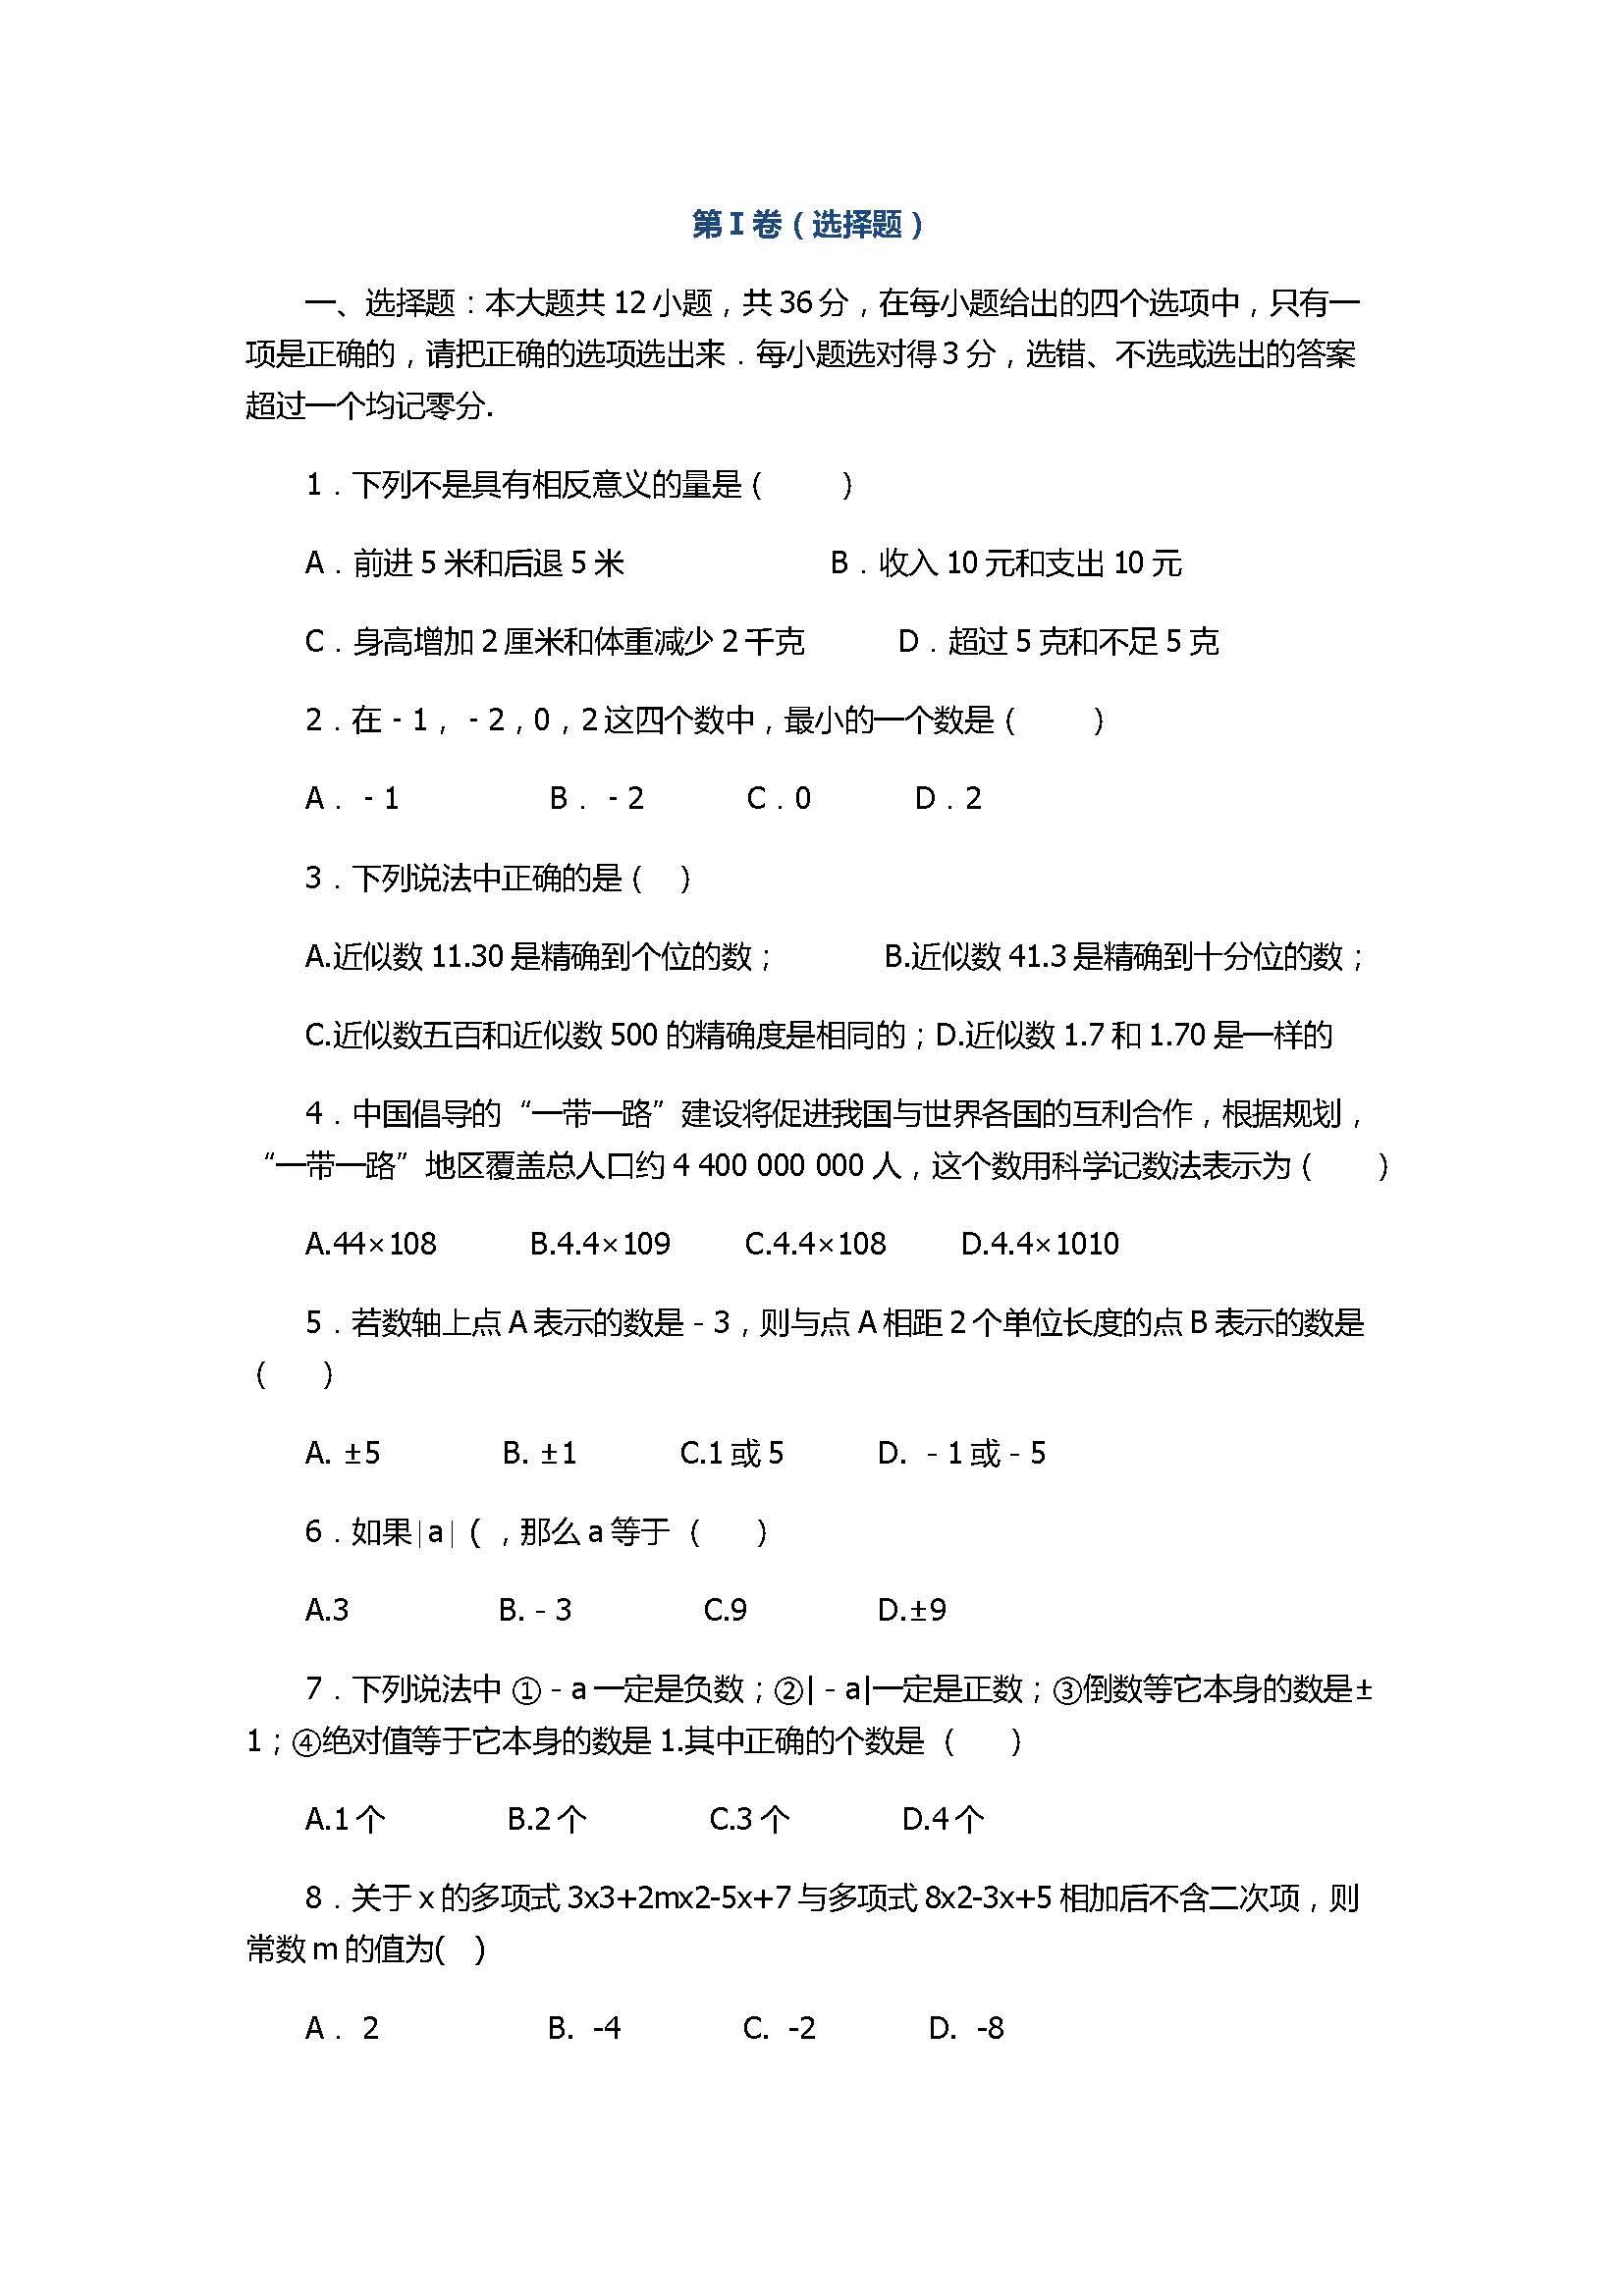 2017初一年级数学上册期中试题带答案(山东省滨州市惠民县)